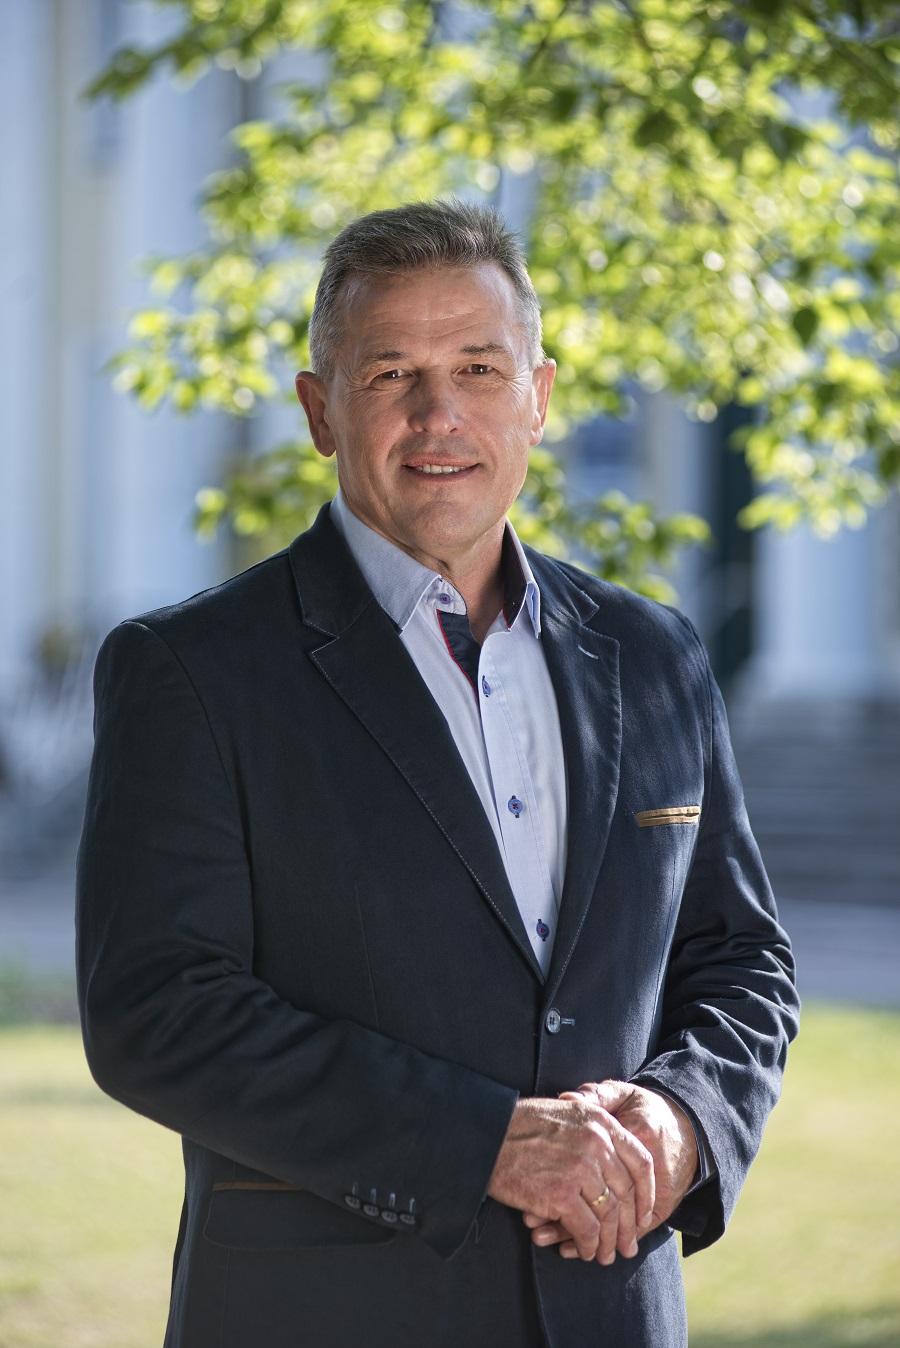 Prezydent Andrzej Sitnik uzyskał absolutorium - Zdjęcie główne